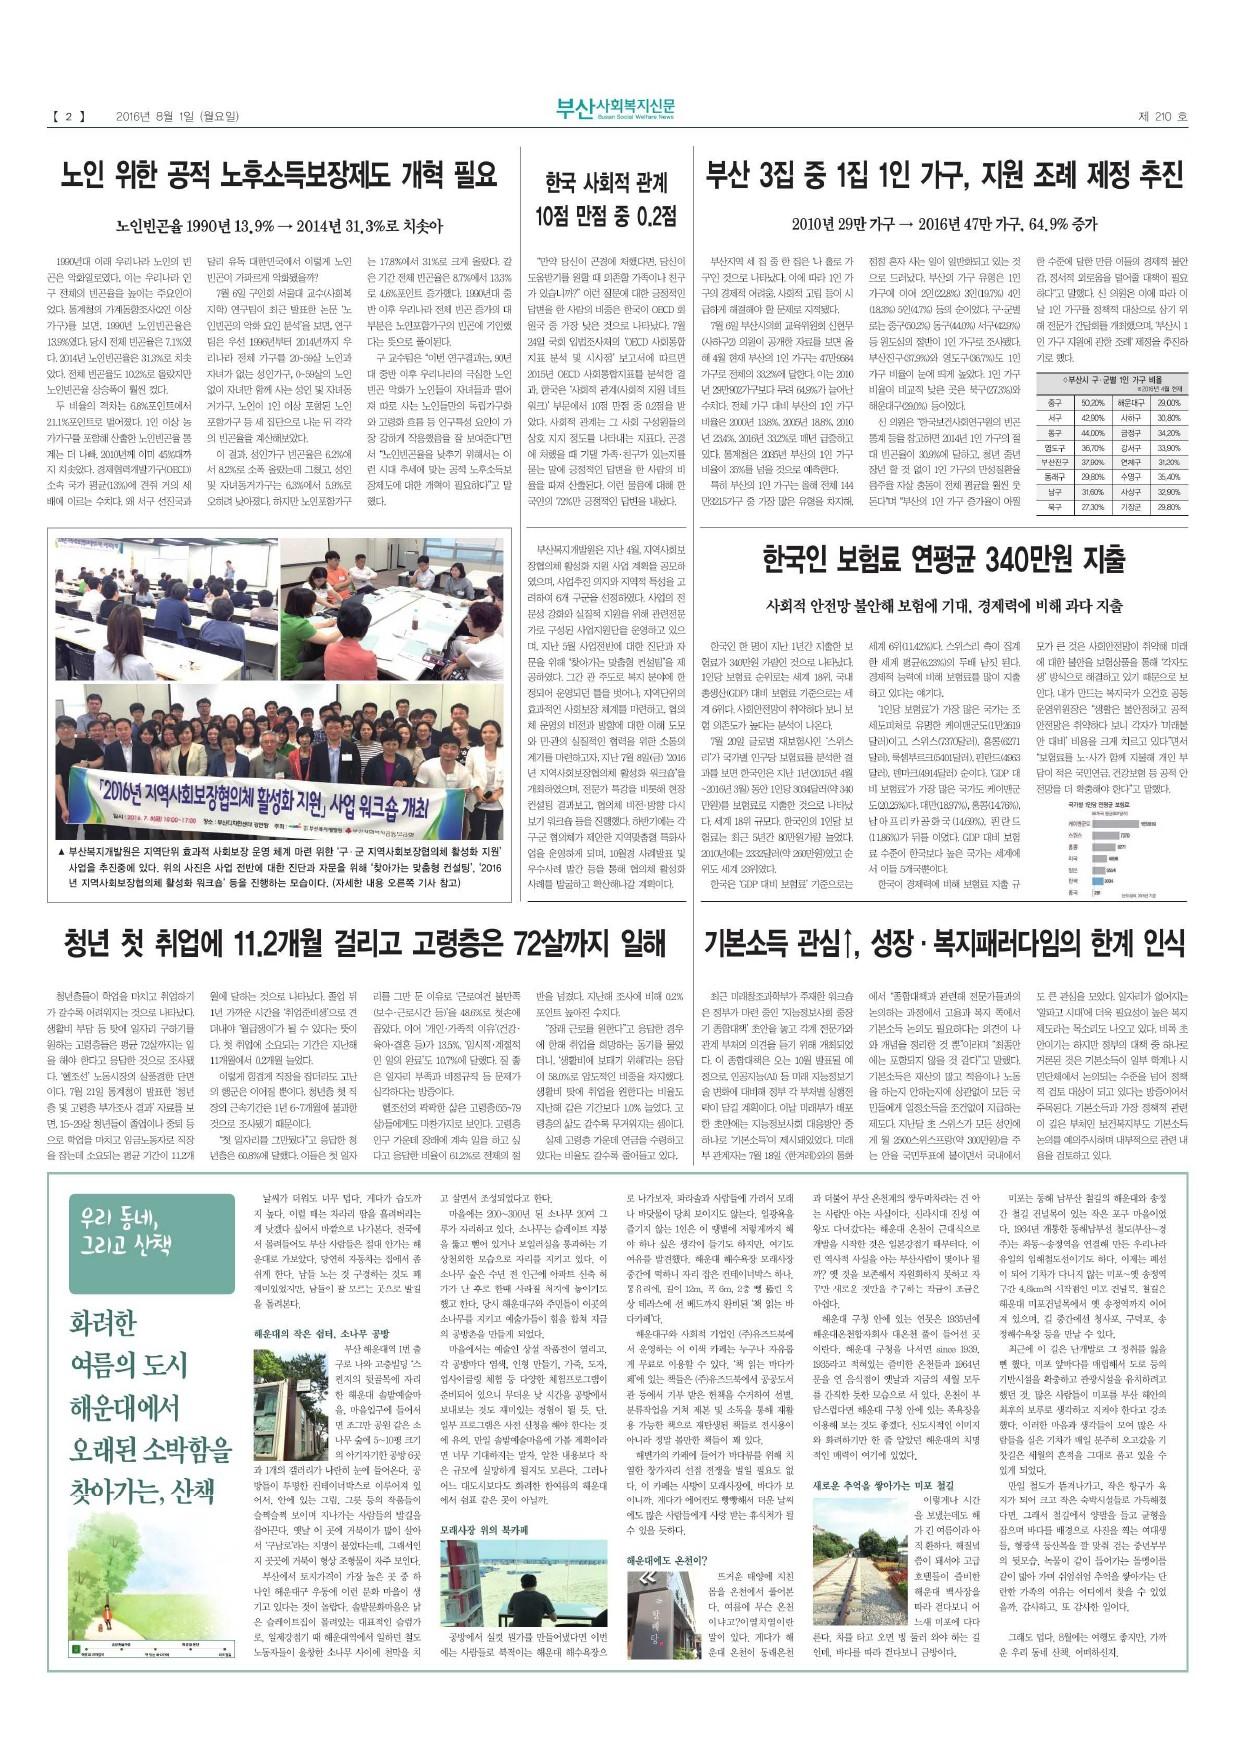 210호 신문-2.jpg